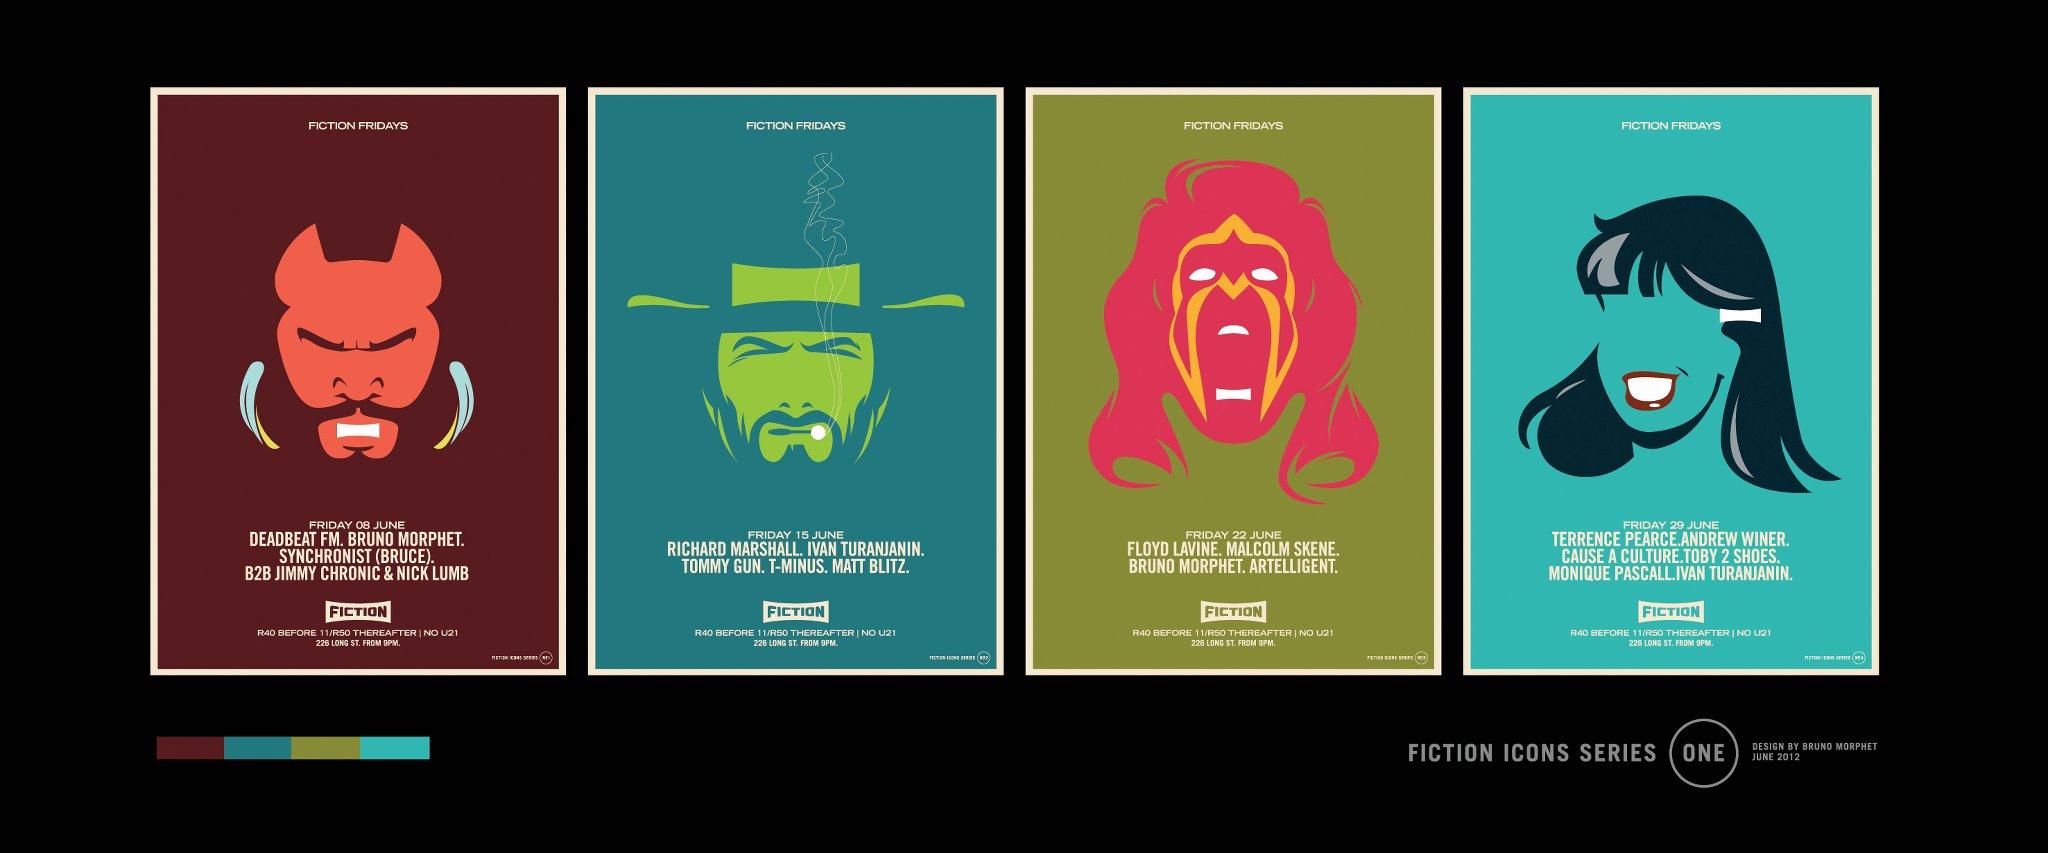 Serie De Afiches Me Atrajo La Sintesis Del Lenguaje Mas